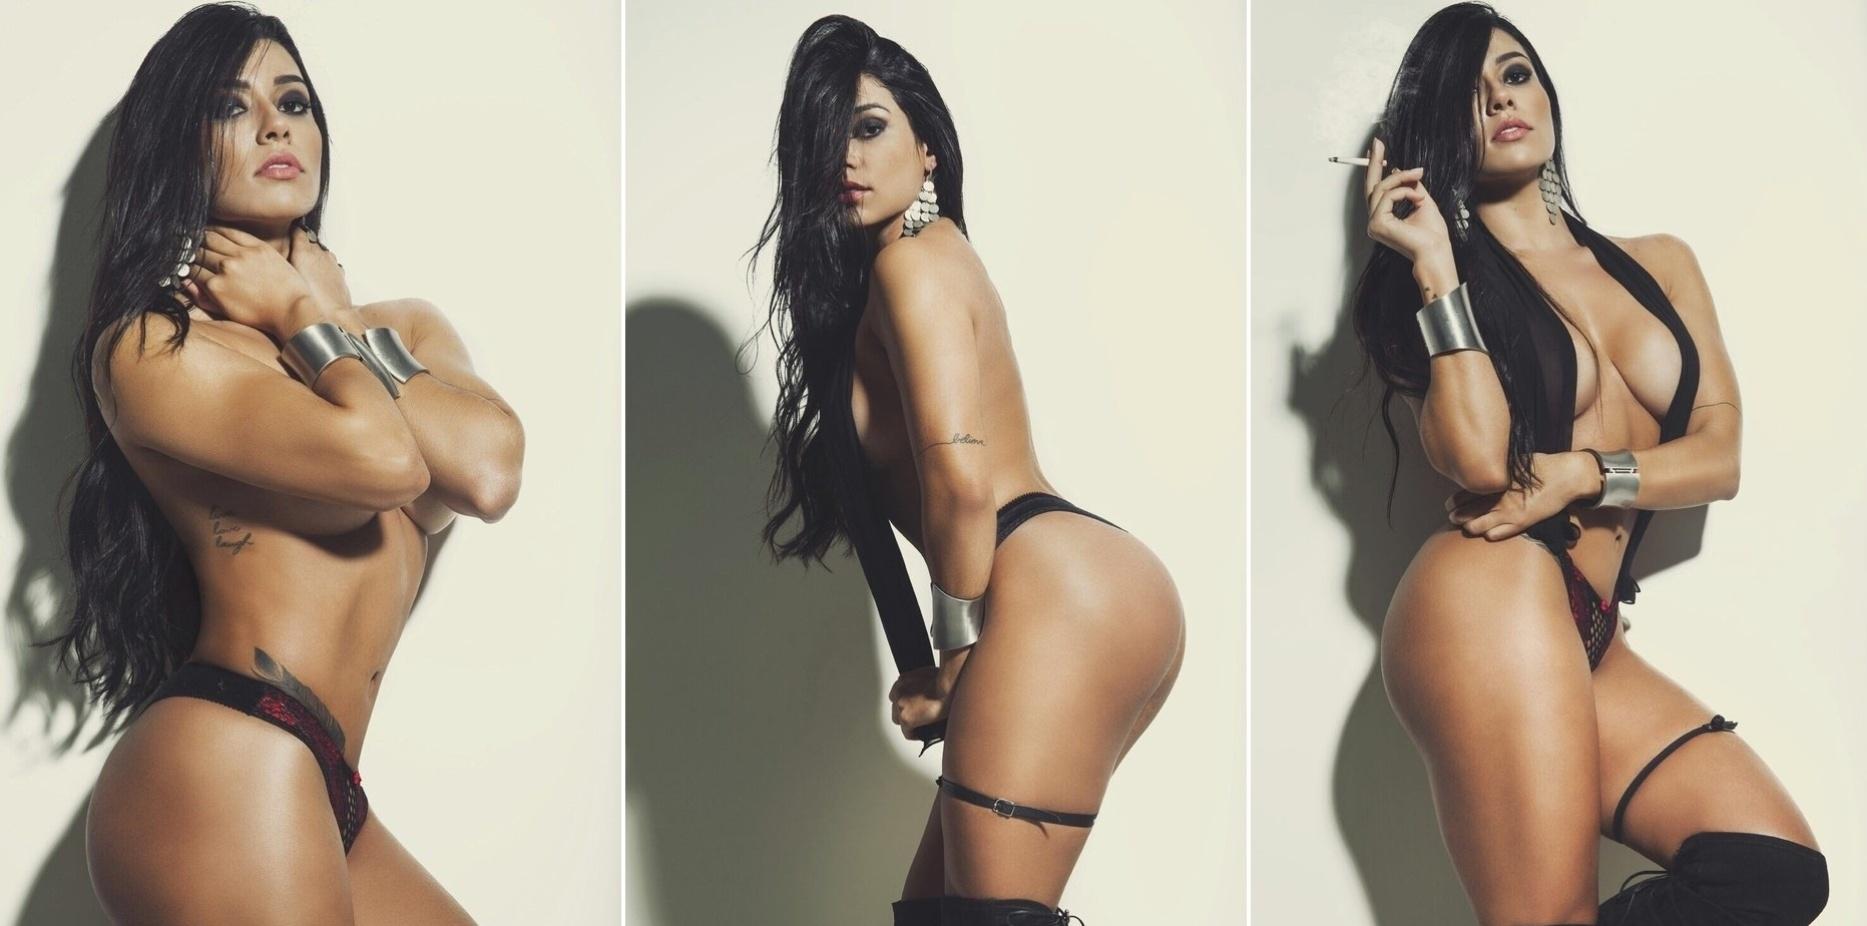 1.ago.2015 - A modelo Cintia Valentin, candidata ao concurso de mulher mais sexy do Brasil, posou pra um ensaio sensual e falou que ama sexo.